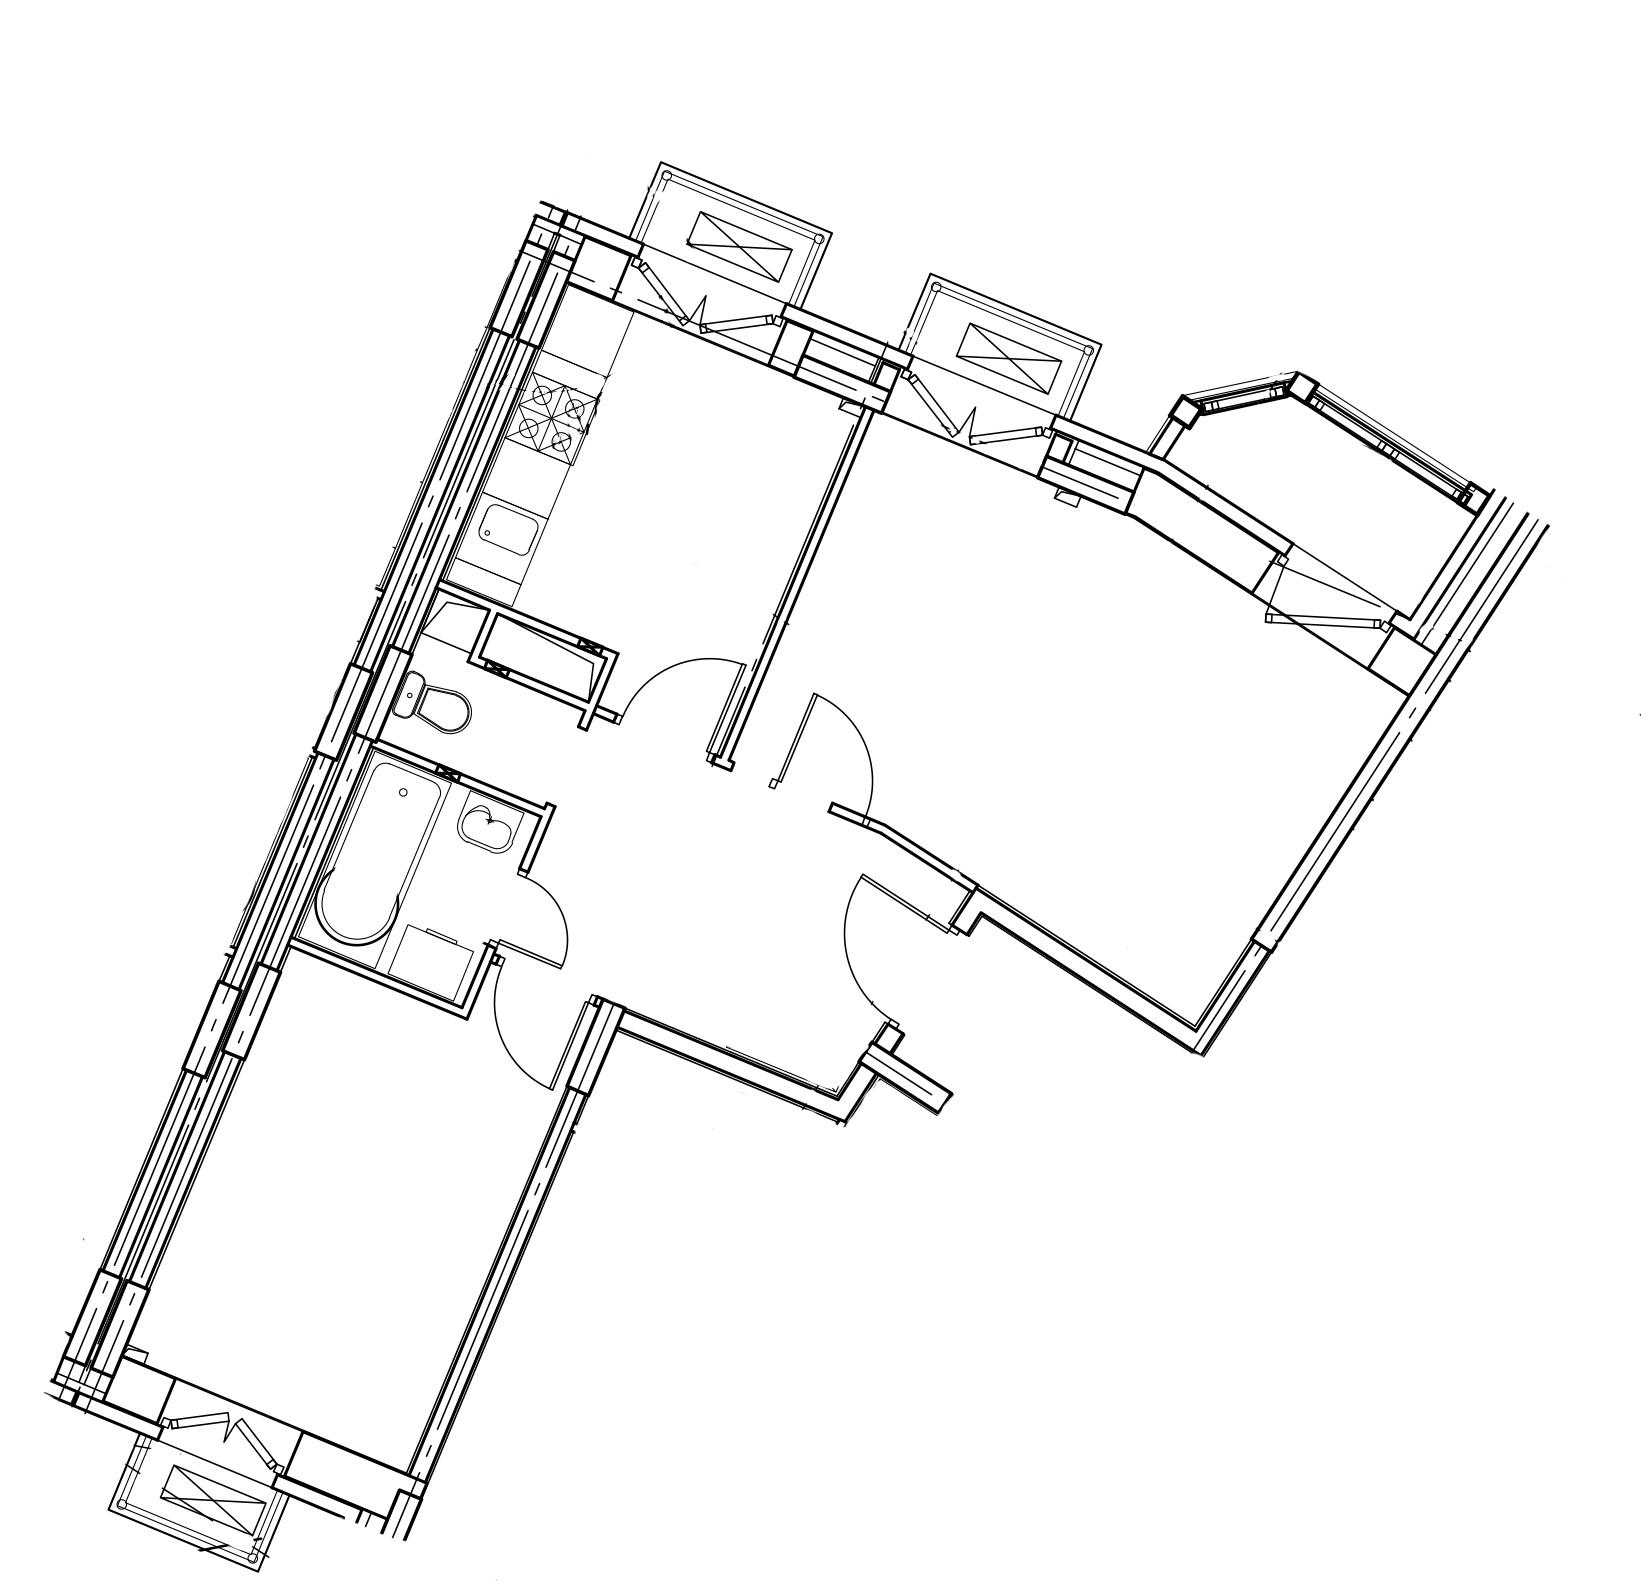 2-комнатная квартира в Митино О2, дом №8, квартира №08-293